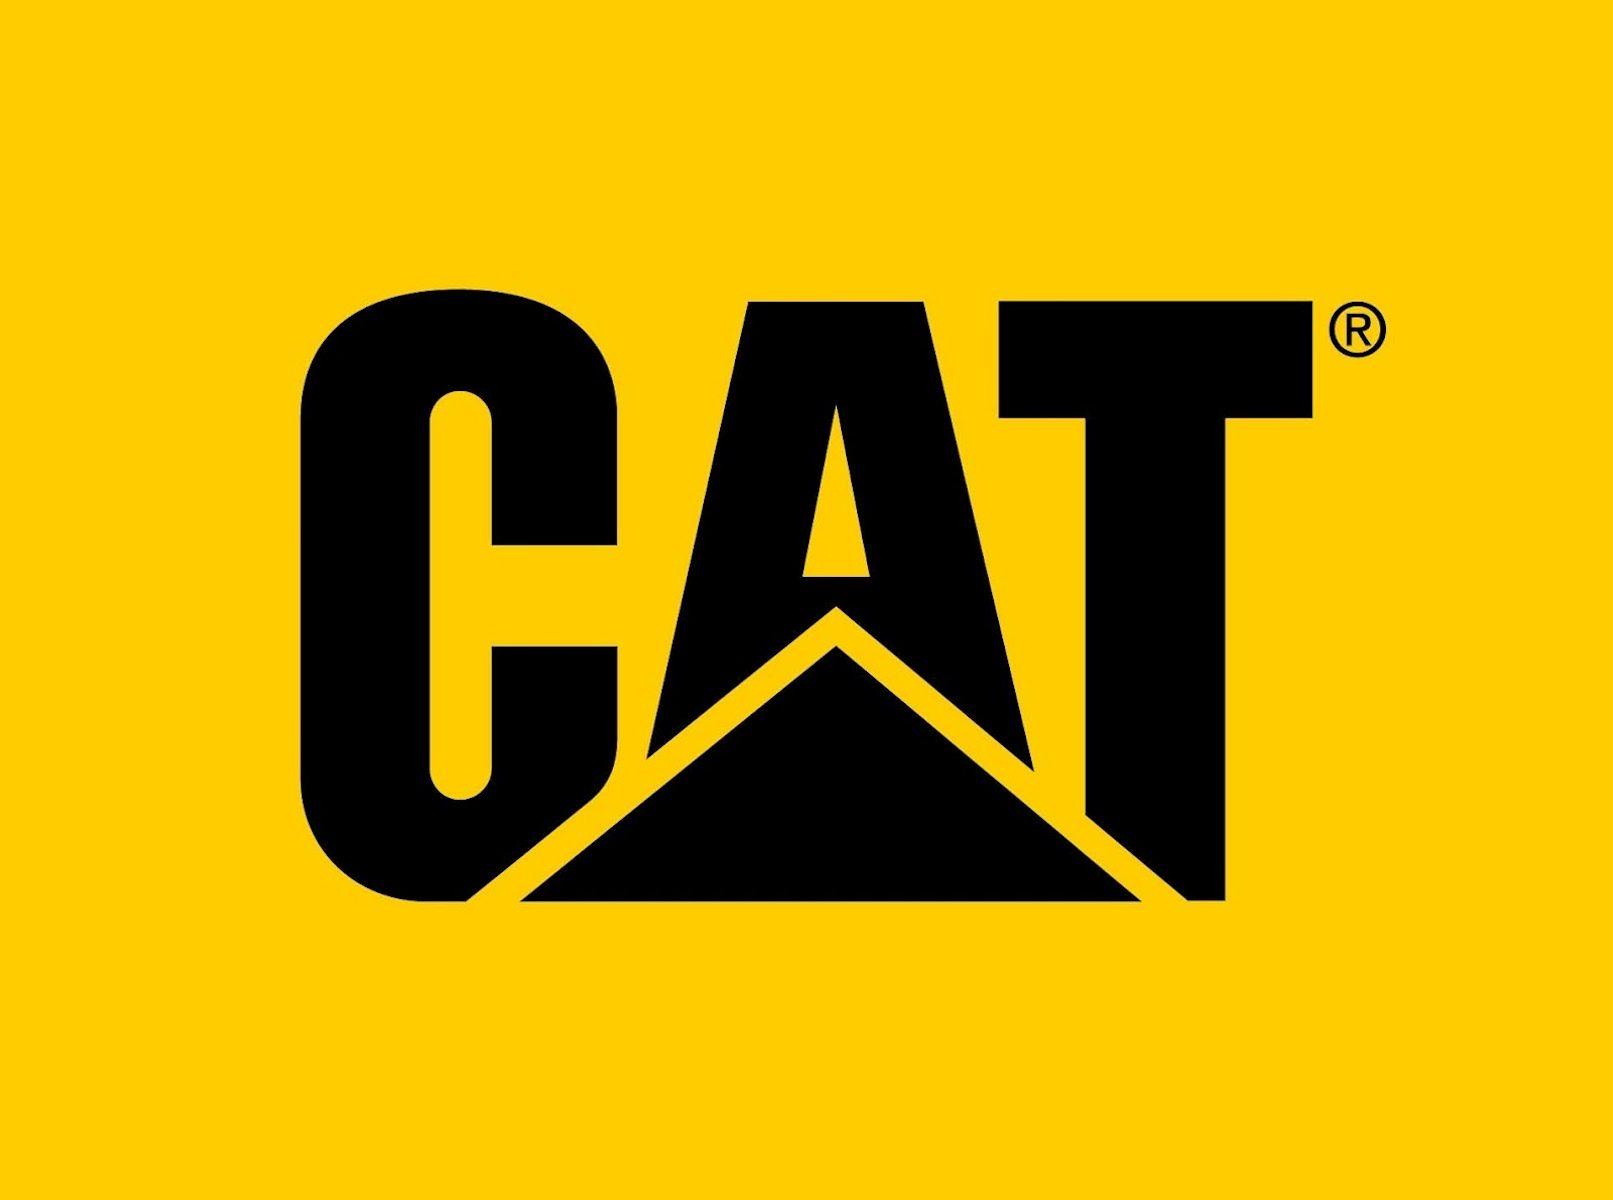 Caterpillar Logo Hd Wallpaper Wallpaper Details Calcomanias Para Coches Calcomania Para Auto Dibujos De Maquinas